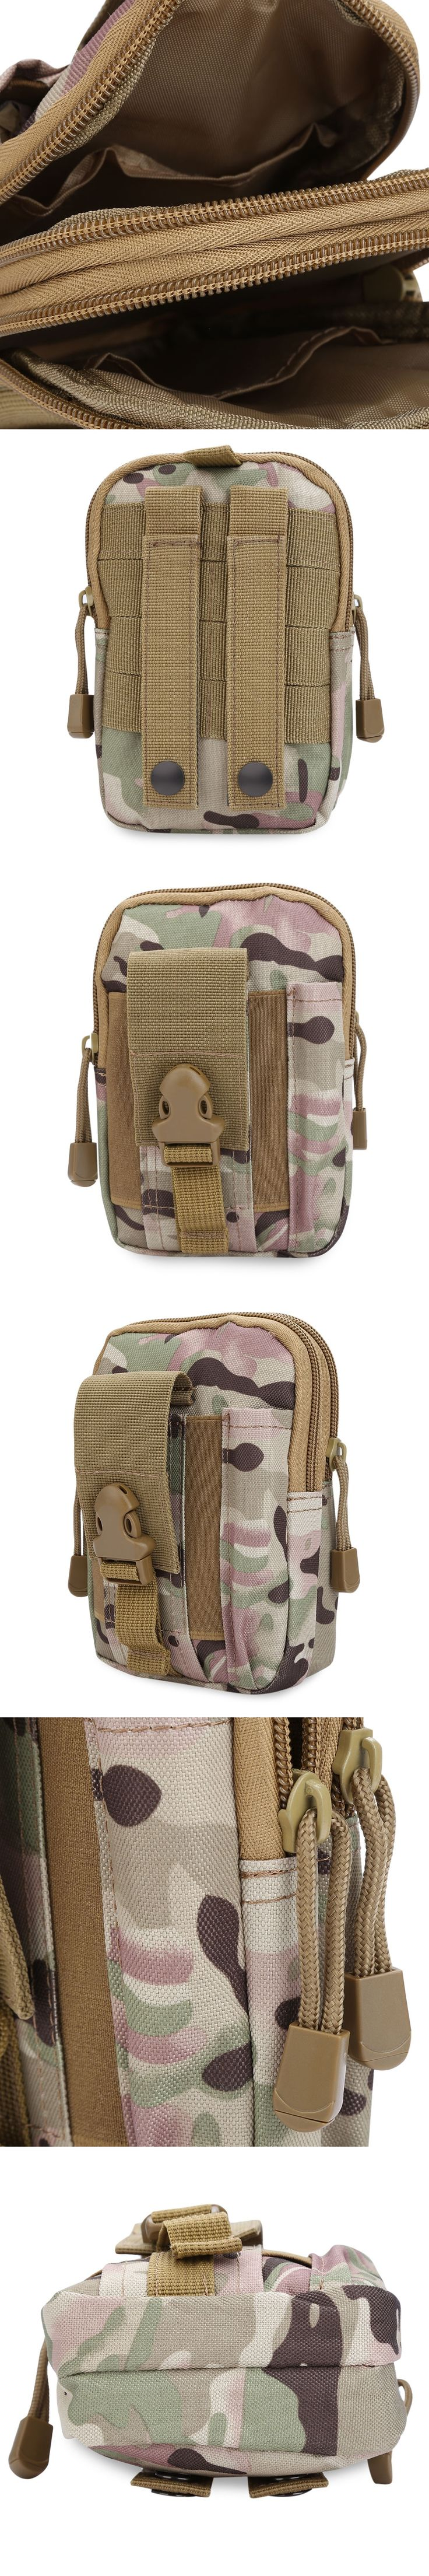 Tactical Holster Molle EDC Security Pack Carry Case Pouch Belt Waist Bag Zipper Buckle Outdoor Activity Sport Phone Waist Bag